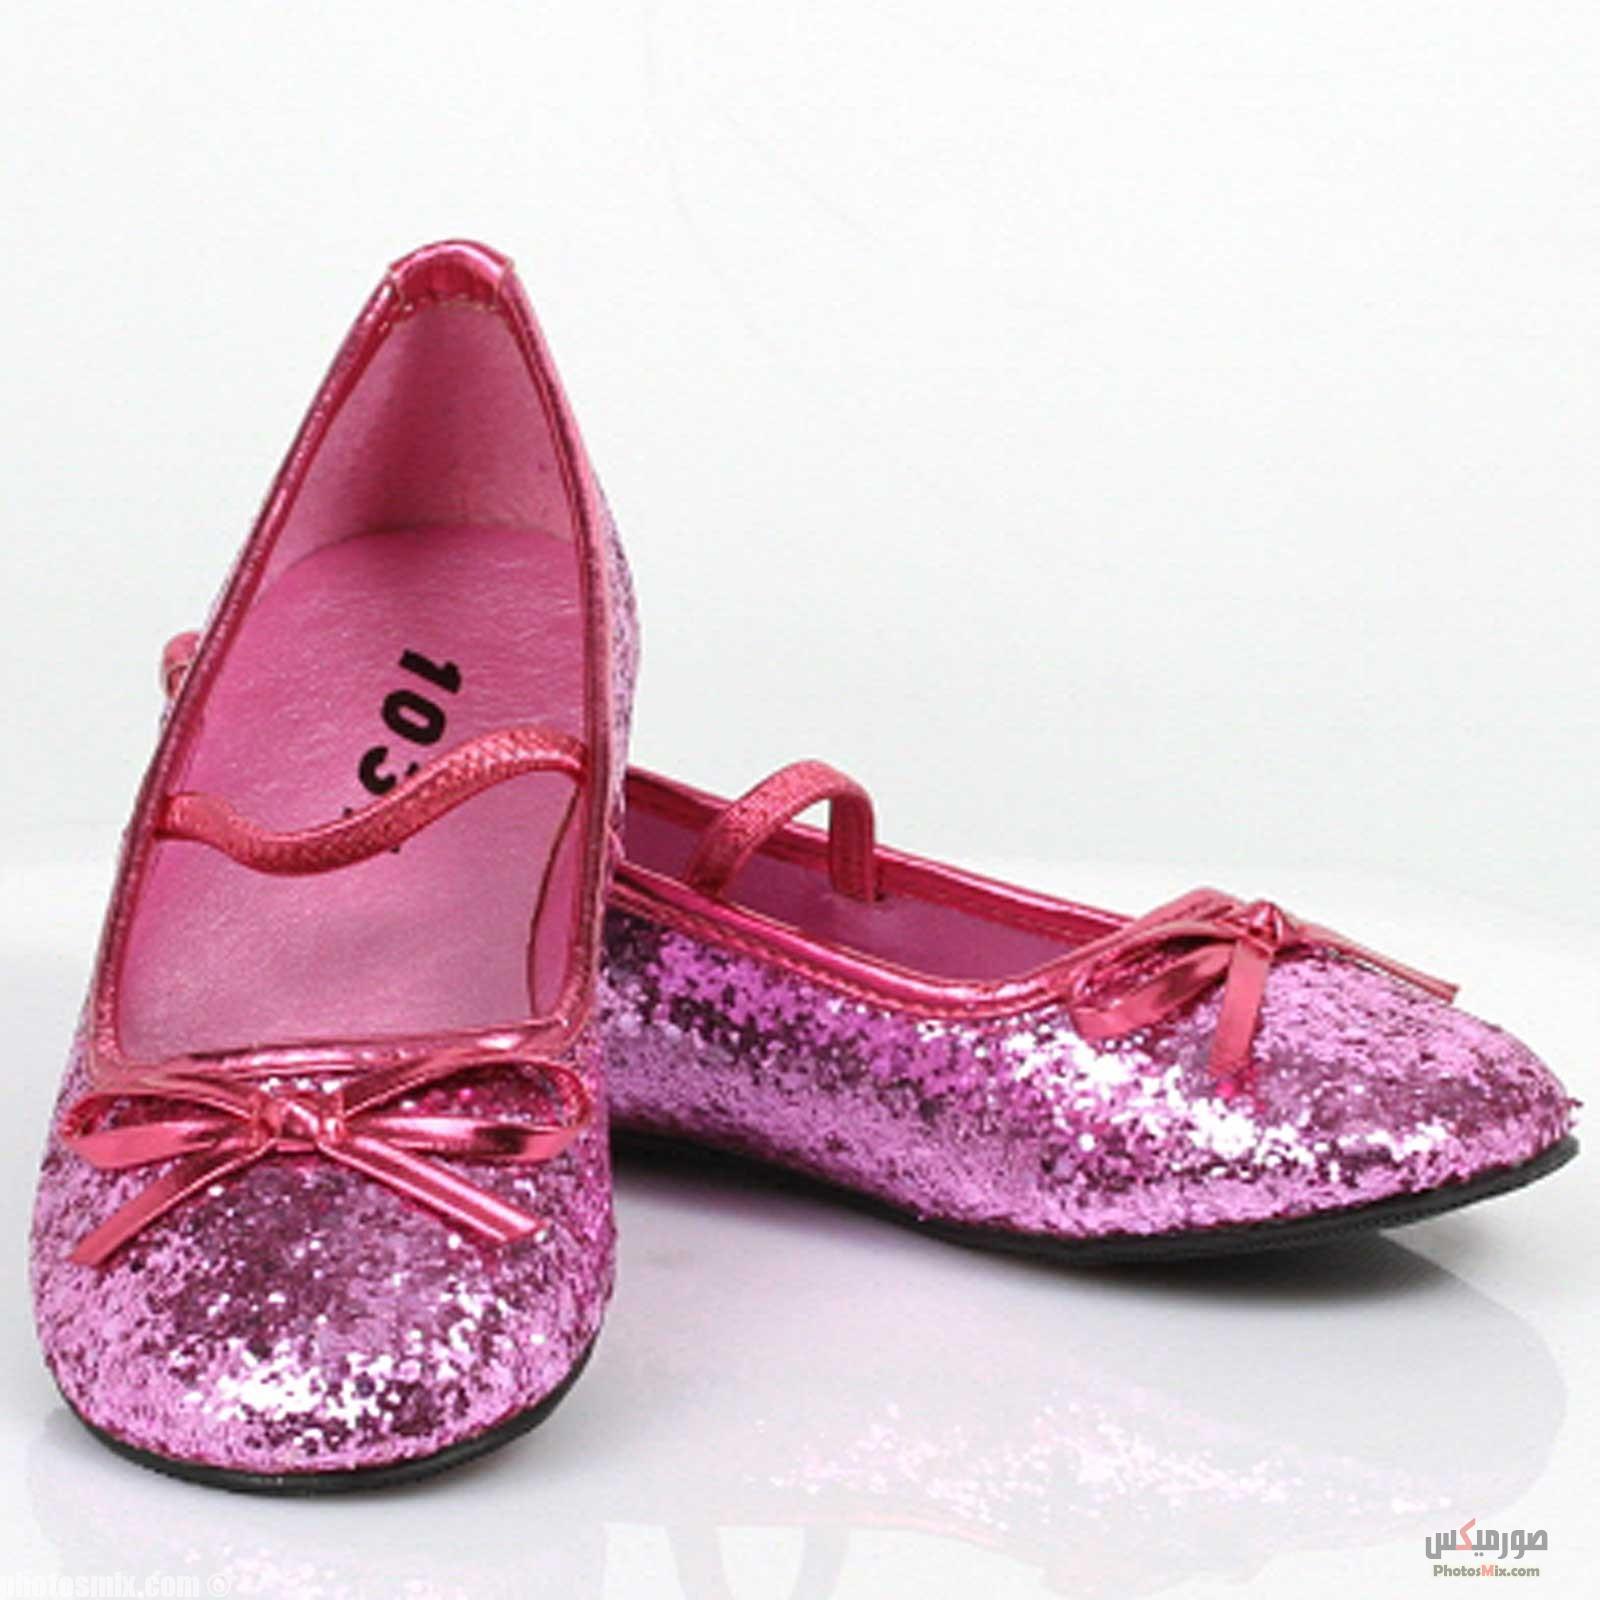 أحذية حريمي 177 - صور أحذية حريمي صيف 2019, صور أحذية بنات جديدة, صور أحذية حريمي فلات